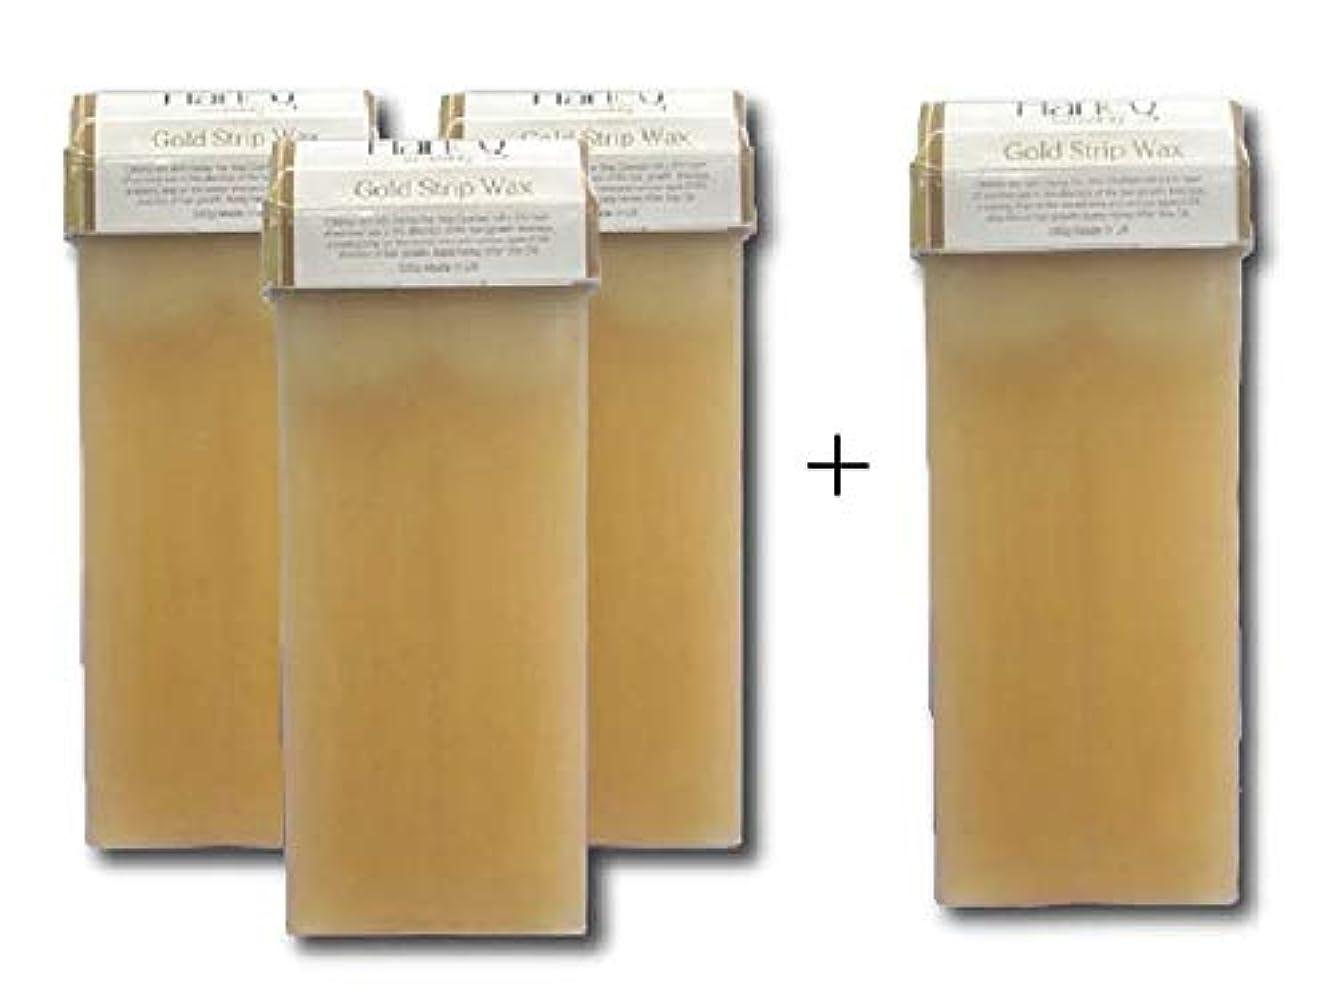 指紋提唱する不潔セルフ脱毛 ゴールドワックス 100g 3本セット+もれなく1本プレゼント ブラジリアンワックス メンズ脱毛